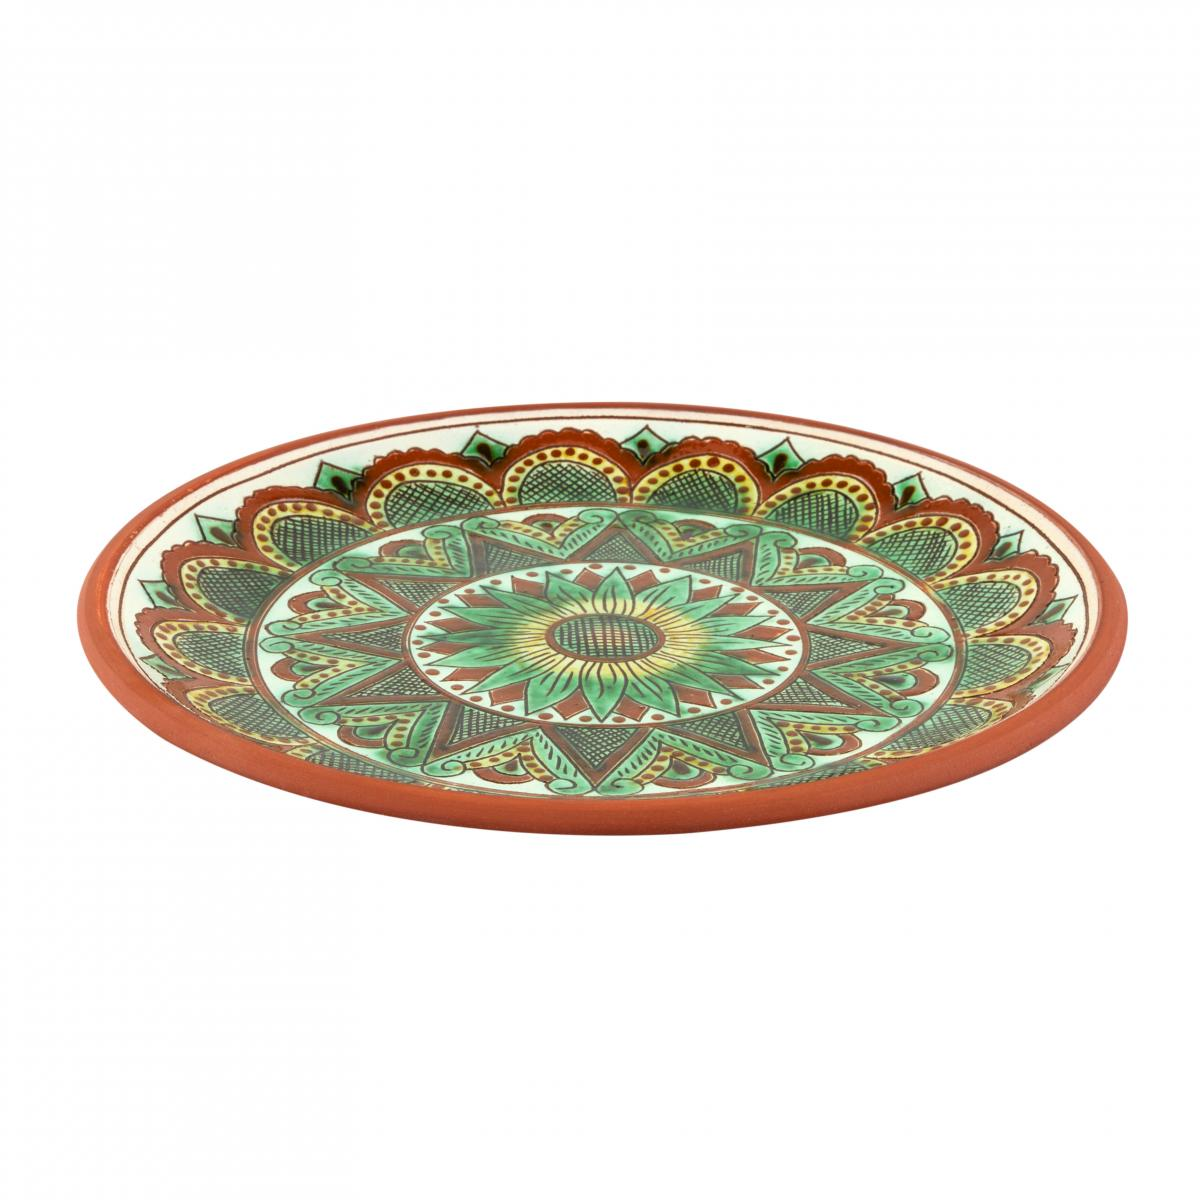 Круглая тарелка для основных блюд, 25 см. Фото №2. | Народный дом Украина